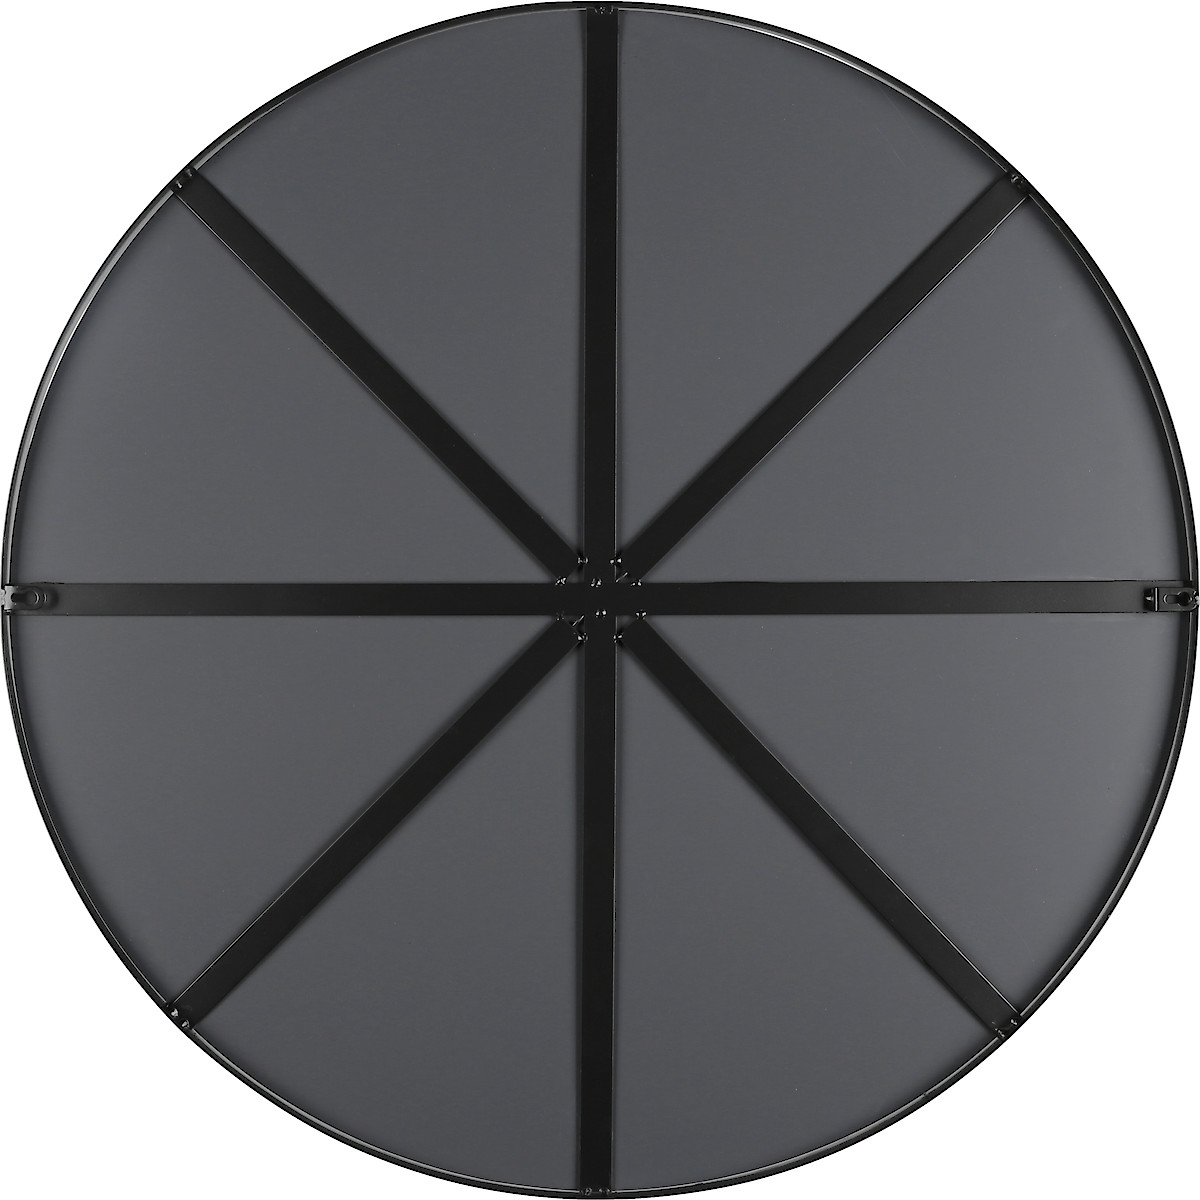 Suuri pyöreä peili, musta kehys, 75 cm